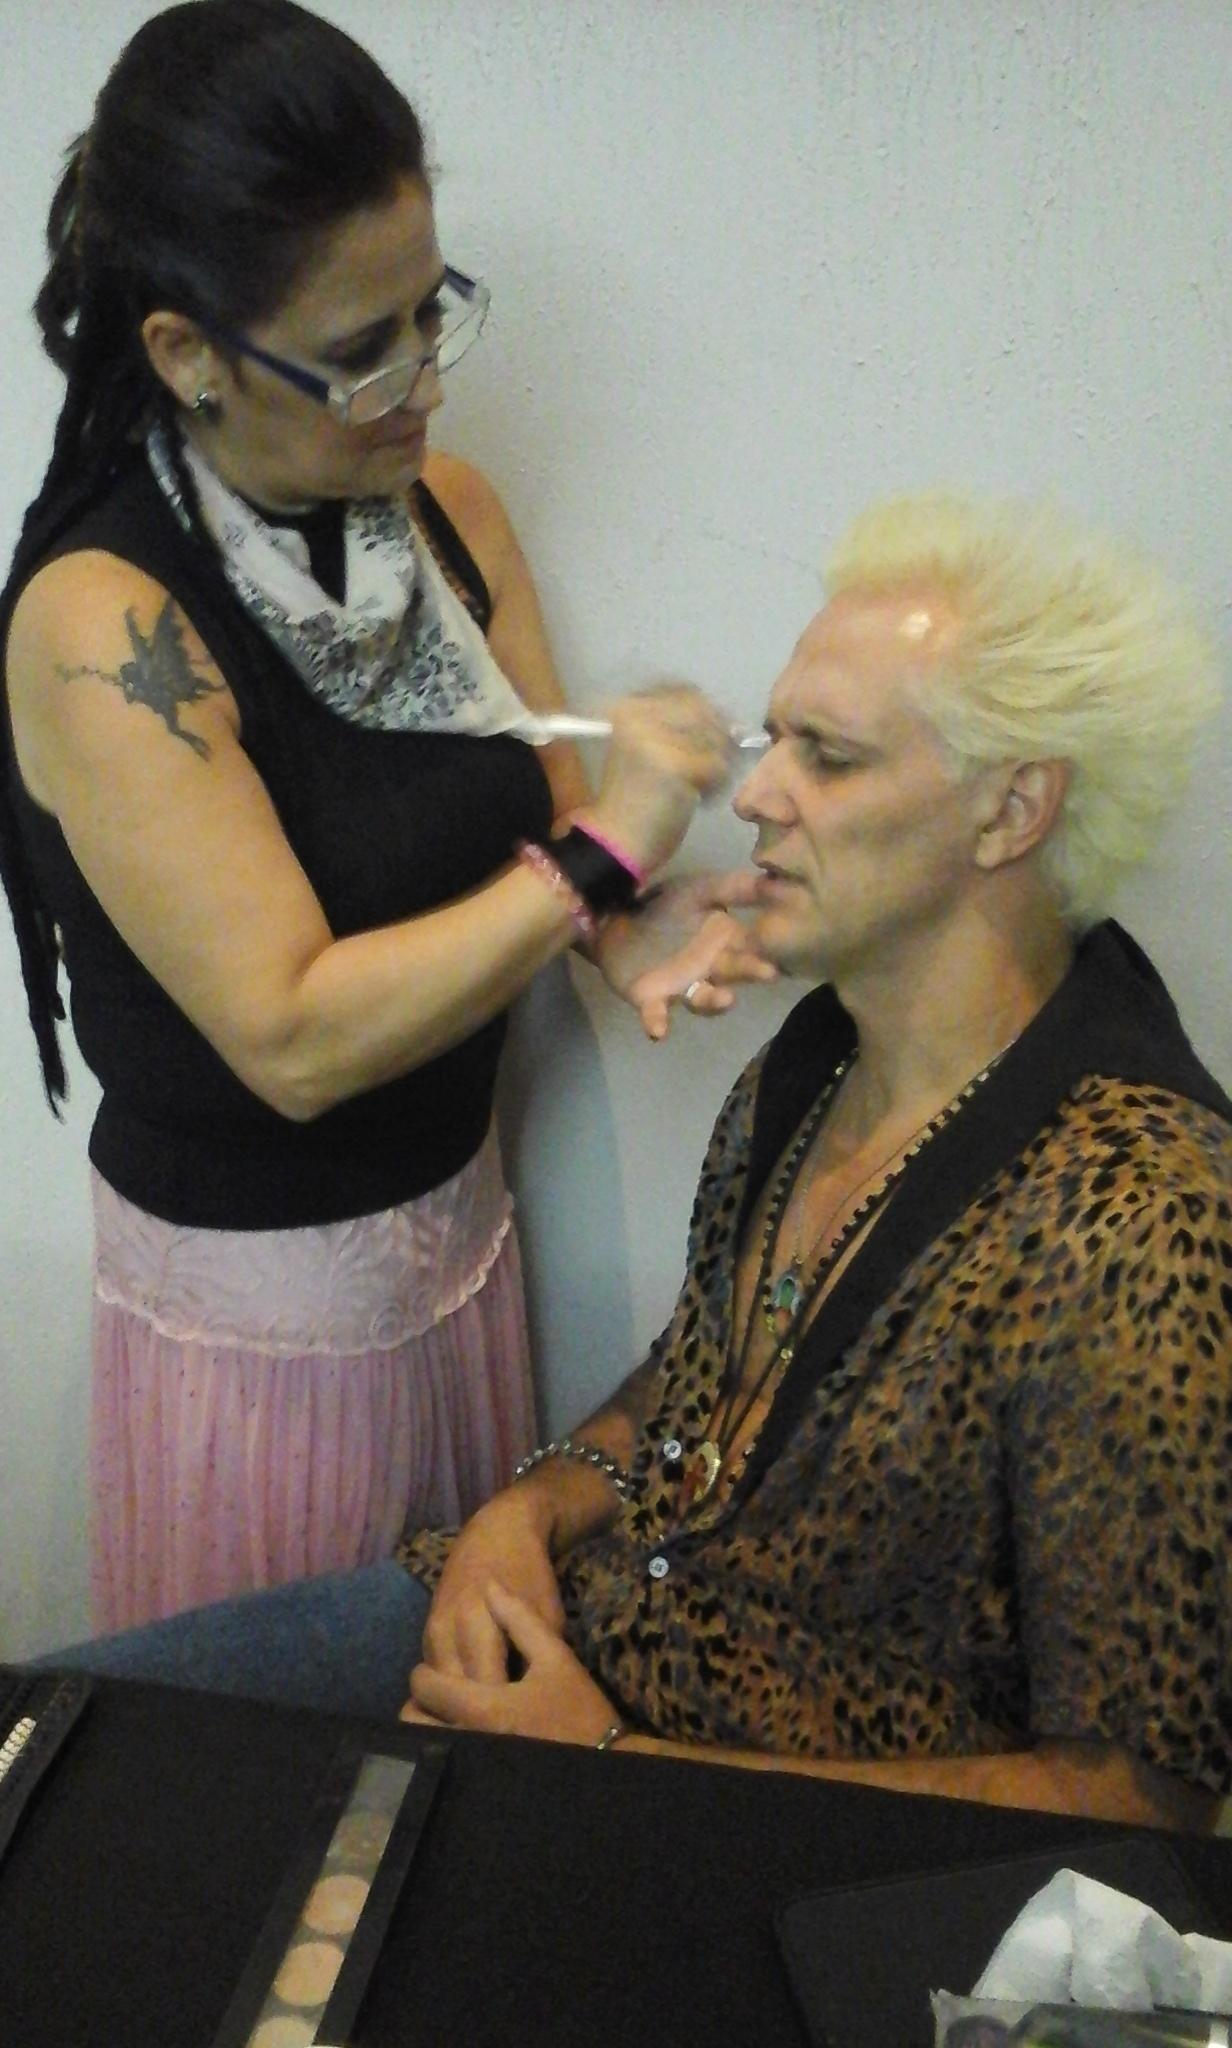 job  job de gravação abertura realit com Papito in love  MTV e SUPLA mais 30 noivas  maquiador(a) auxiliar cabeleireiro(a) depilador(a)